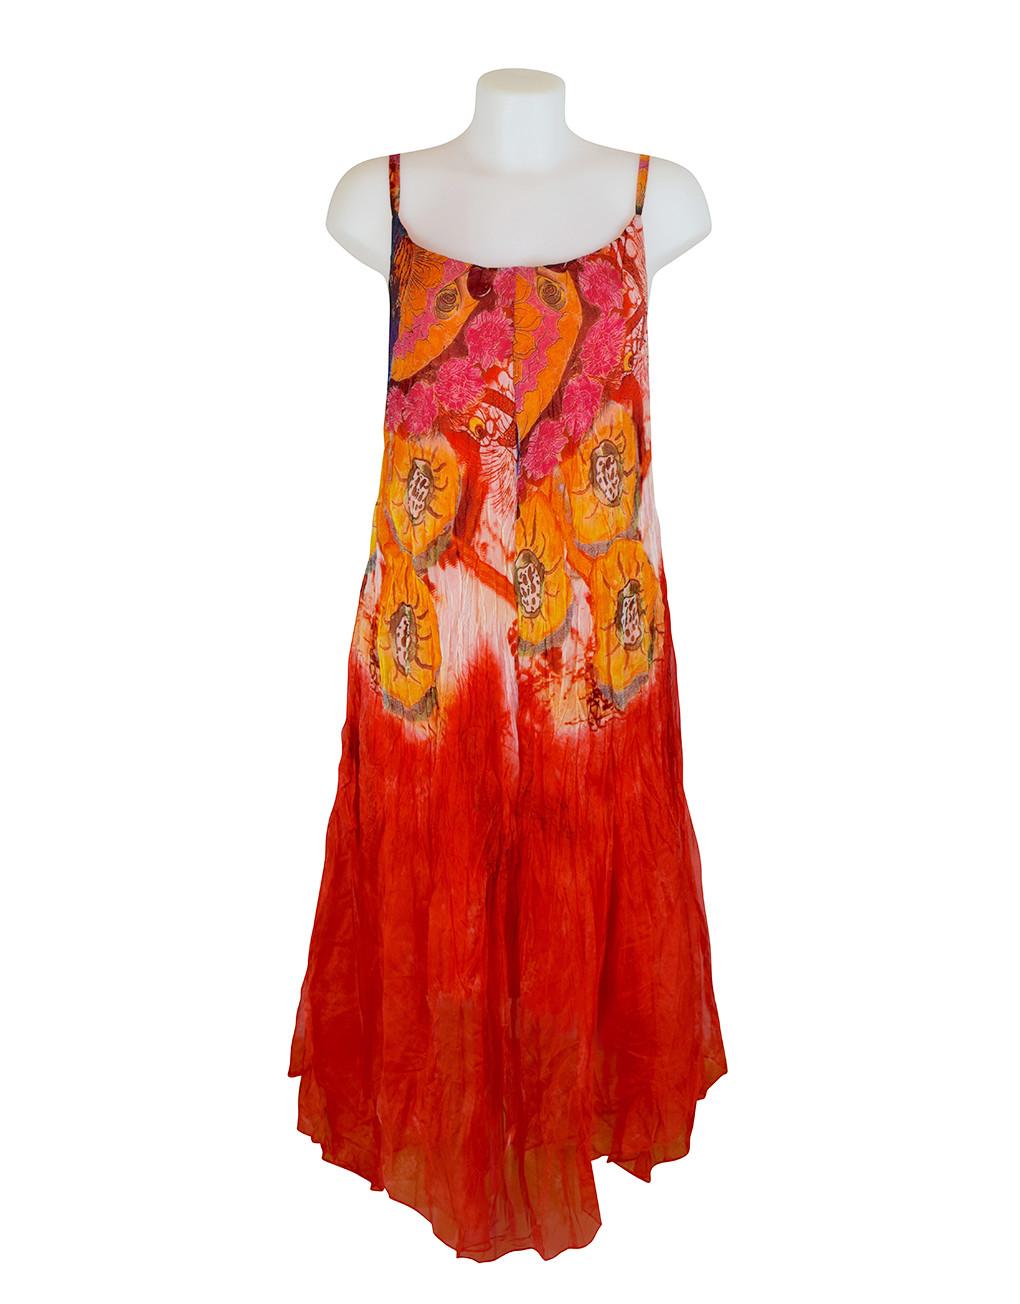 Sensations Pour Elle Orange Abstract Print Maxi Dress One Size / T